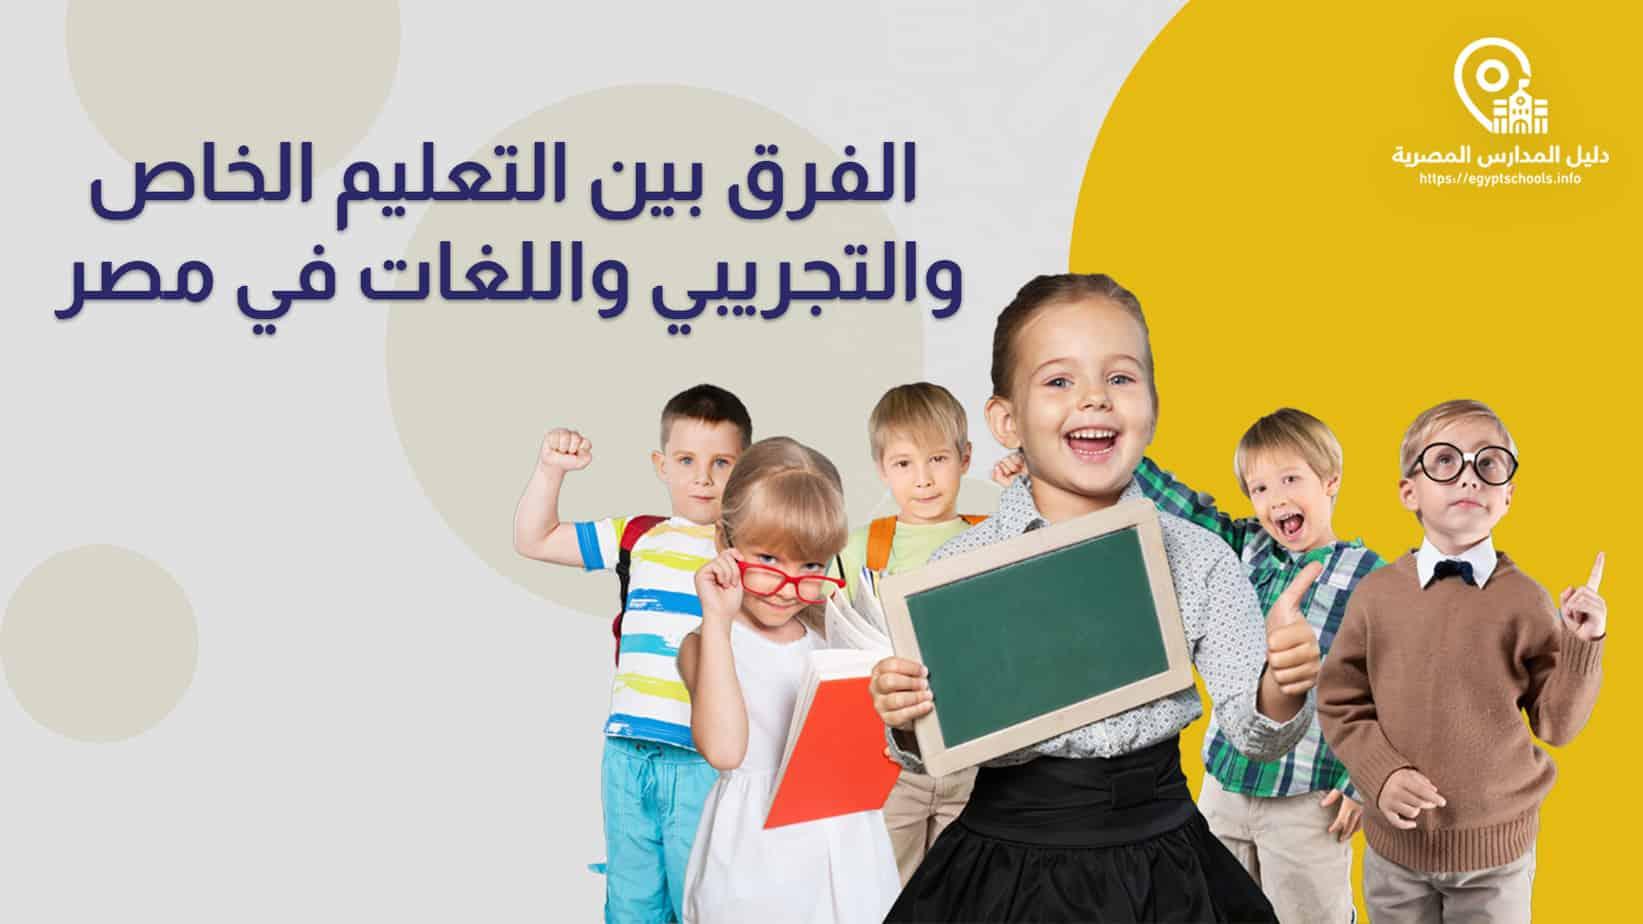 الفرق بين التعليم الخاص والتجريبي واللغات في مصر